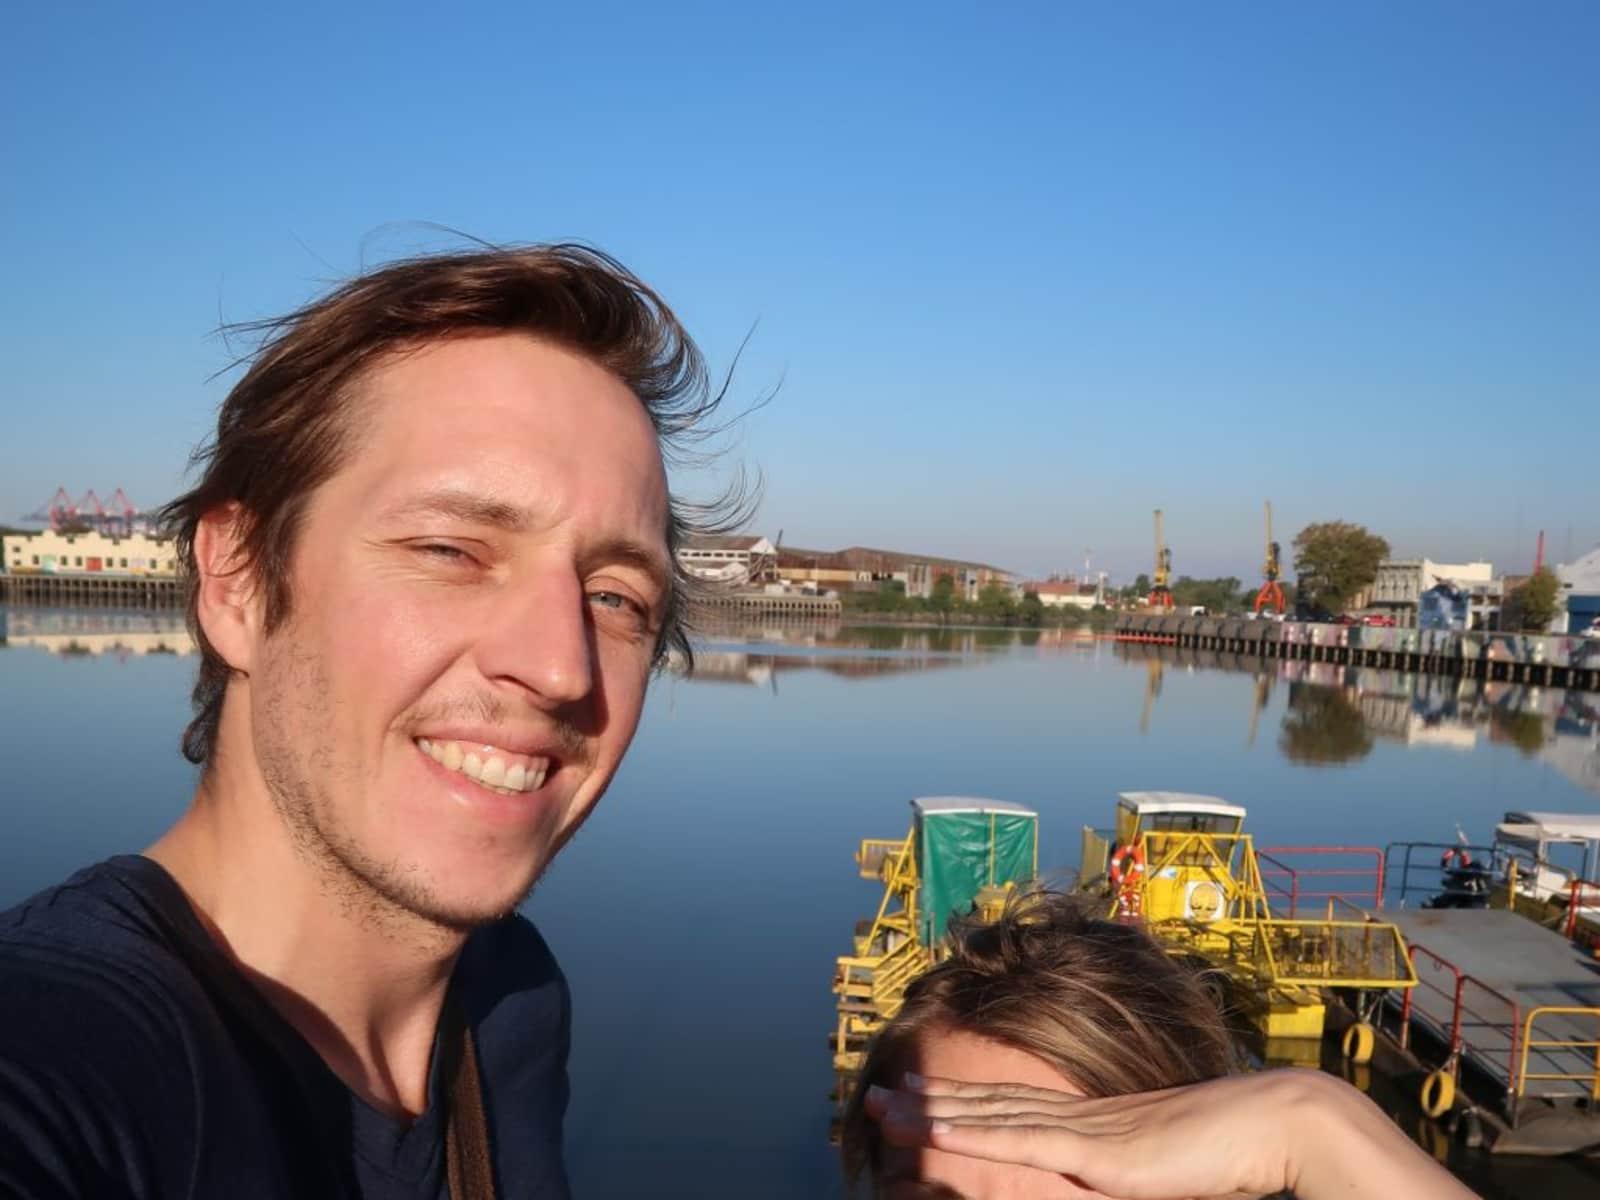 Maarten & Fleur from Leiden, Netherlands